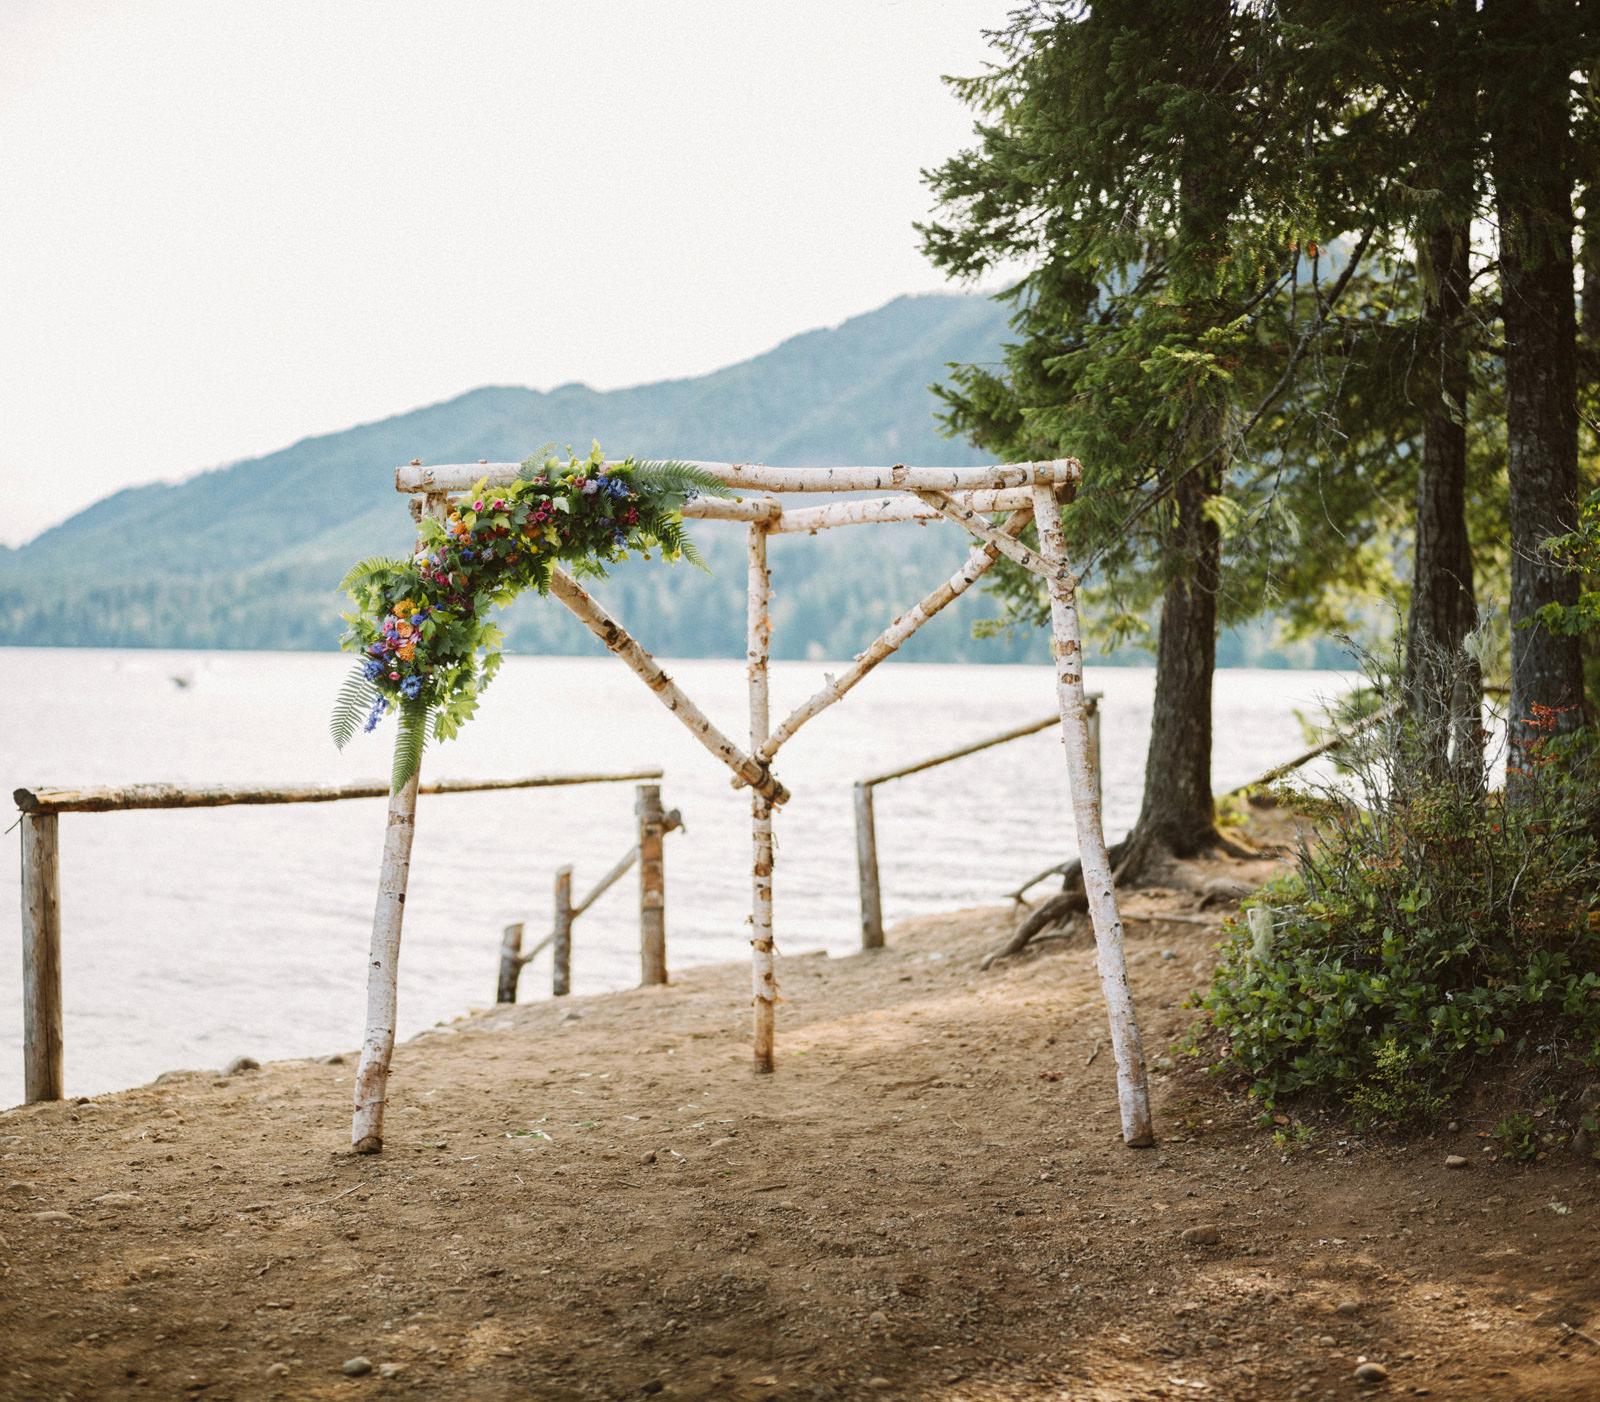 zanny-noah-043 LAKE CUSHMAN WEDDING